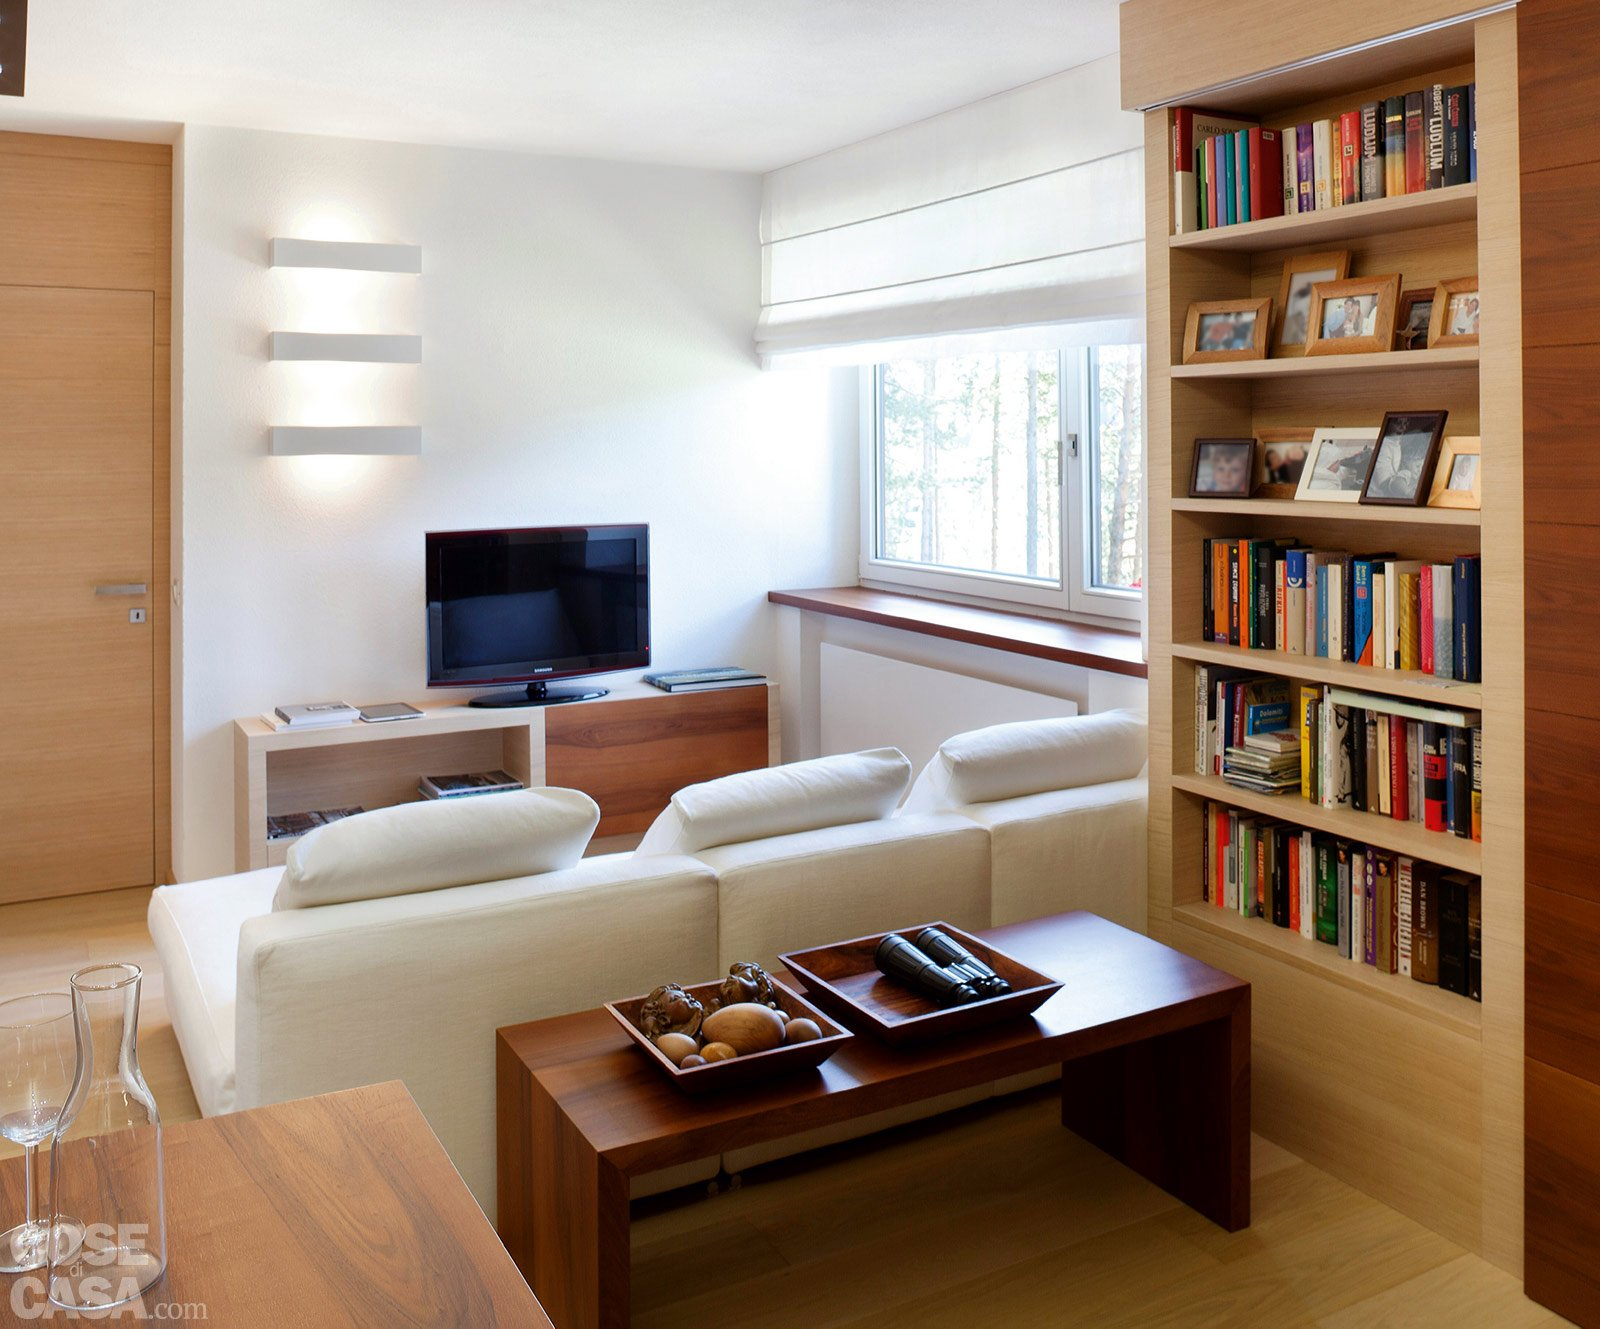 57 mq con ambienti mutevoli cose di casa - Cucina piu soggiorno ...